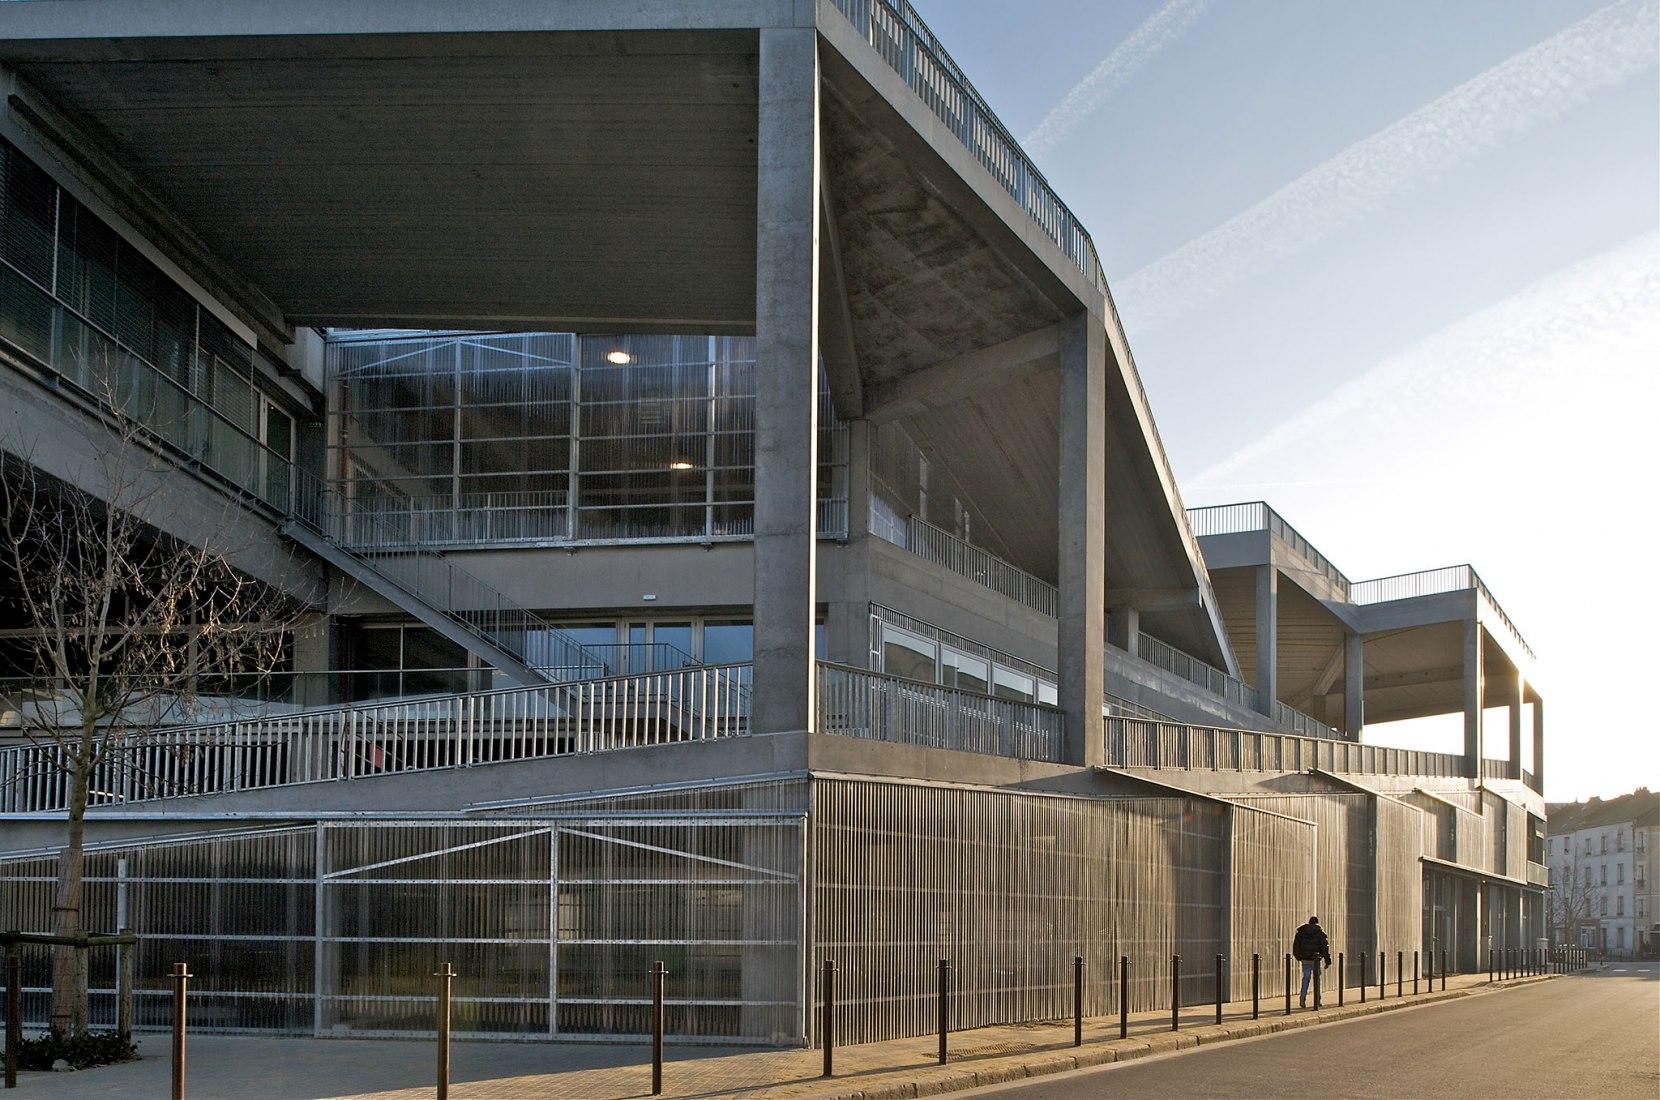 Escuela Nacional de Arquitectura de Nantes por Lacaton & Vassal. Fotografía cortesía de Philippe Ruault